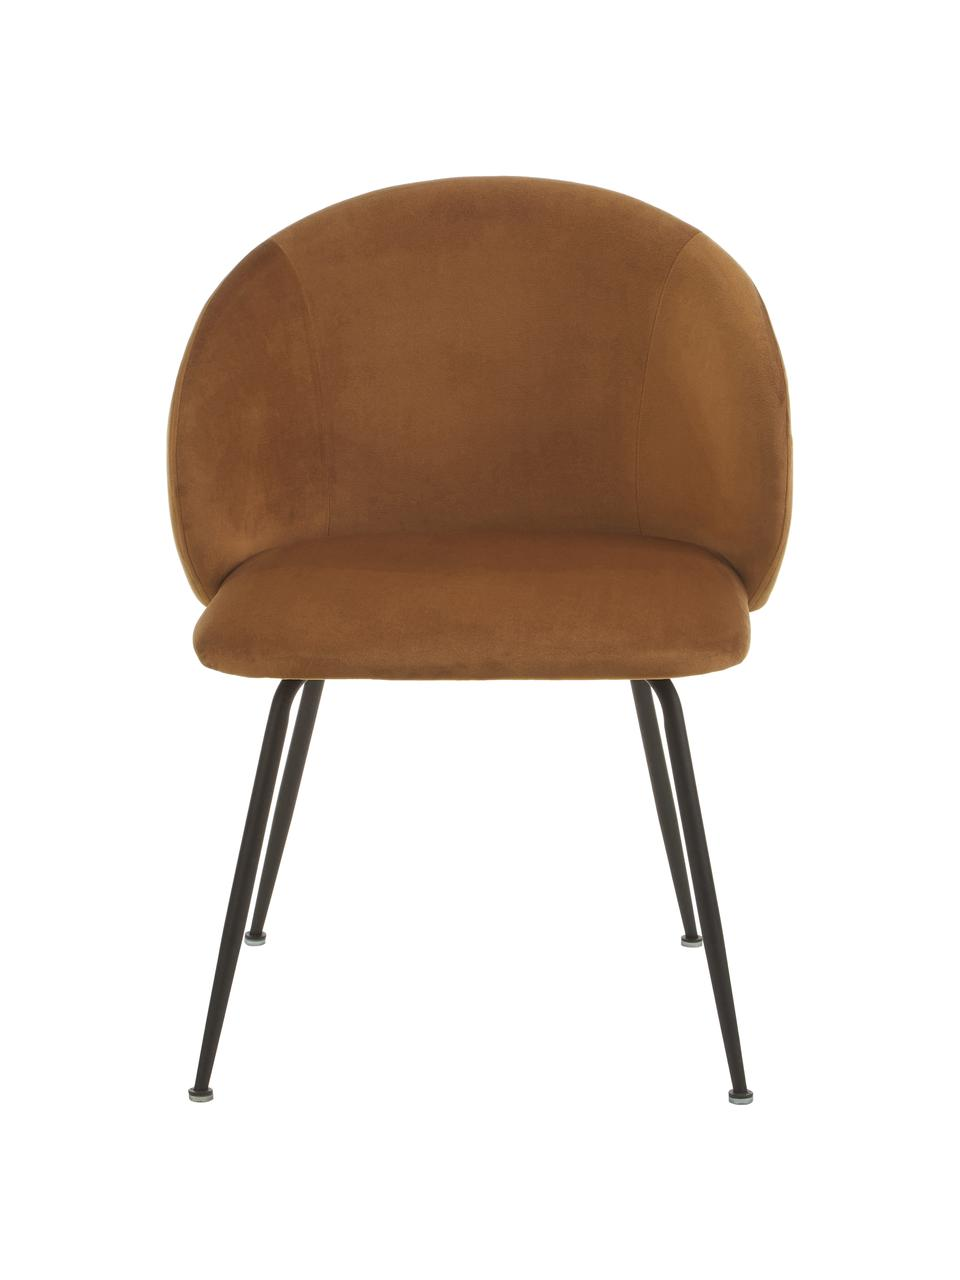 Fluwelen stoelen Luisa, 2 stuks, Poten: gepoedercoat metaal, Bruin, 59 x 58 cm